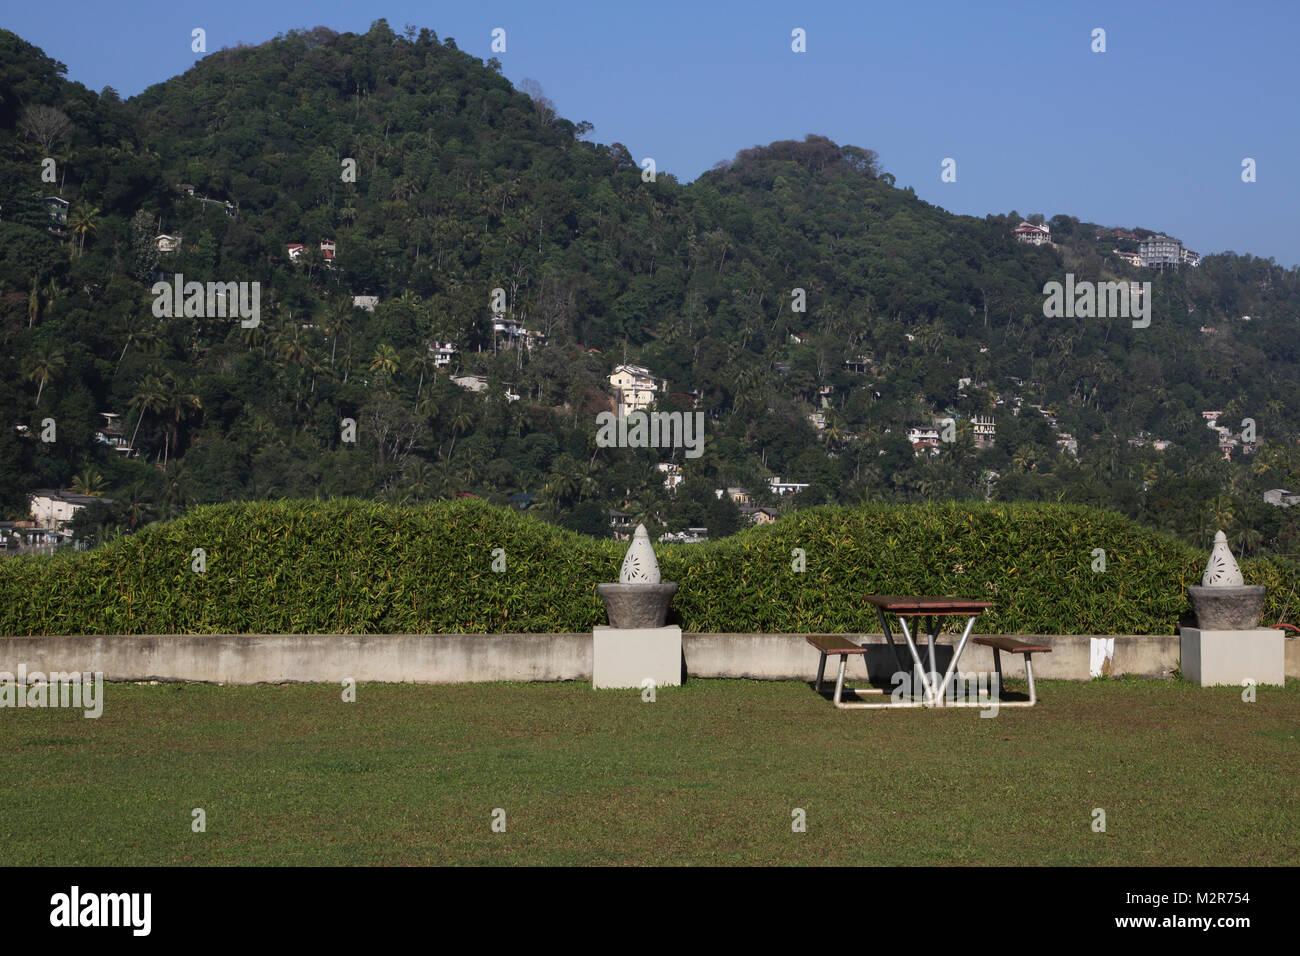 Peradeniya Kandy Central Province Sri Lanka Peradeniya Royal Botanic Gardens - Stock Image